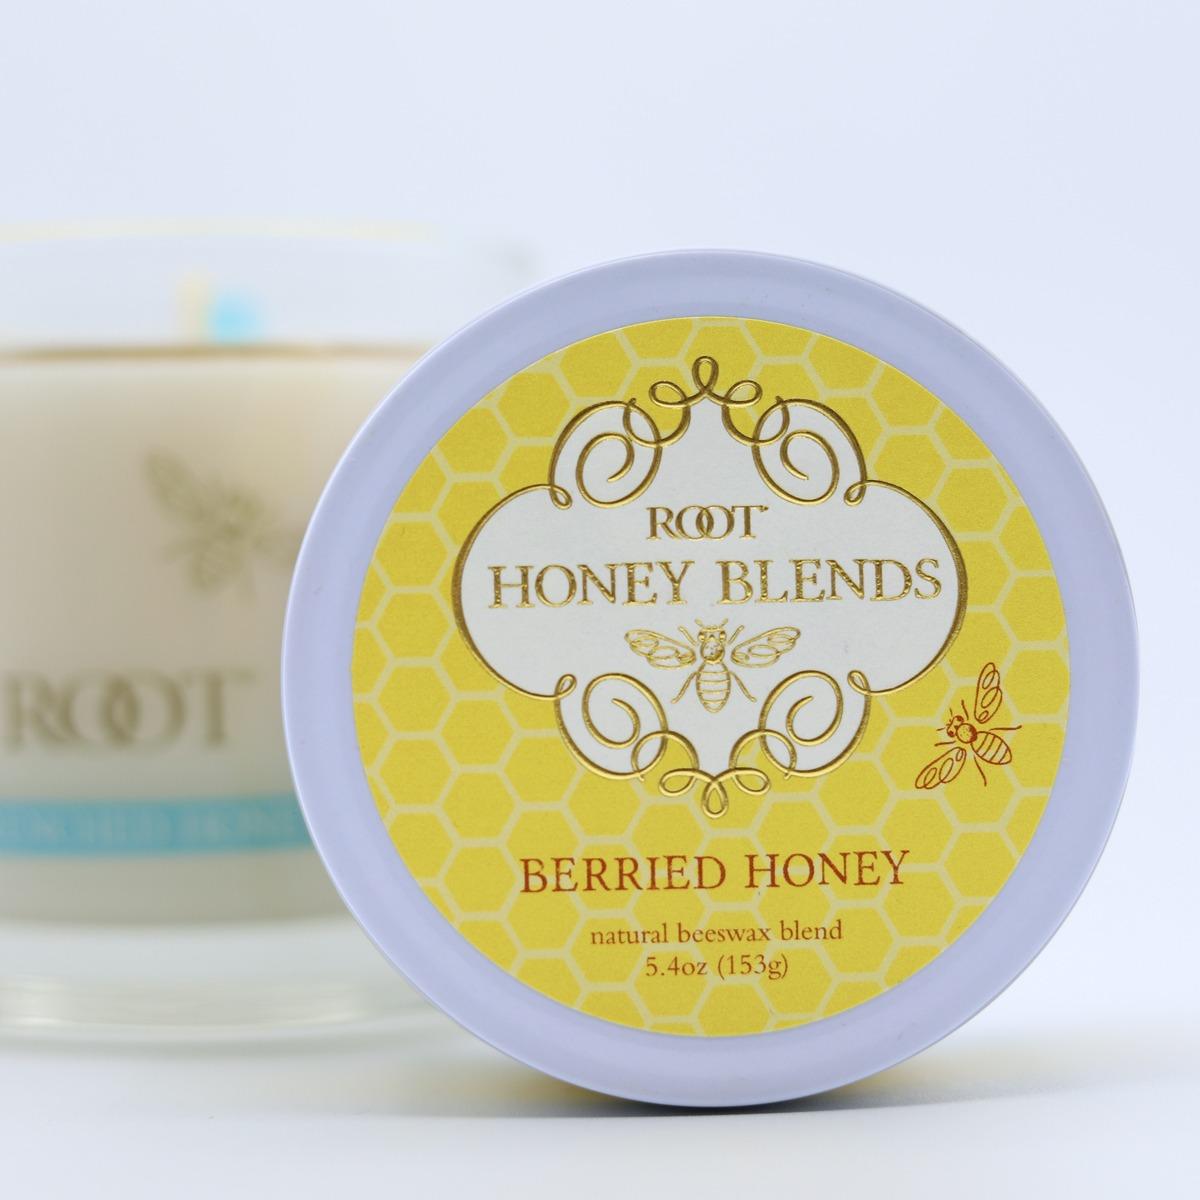 Foil Stamped Labels for Root Honey Blends